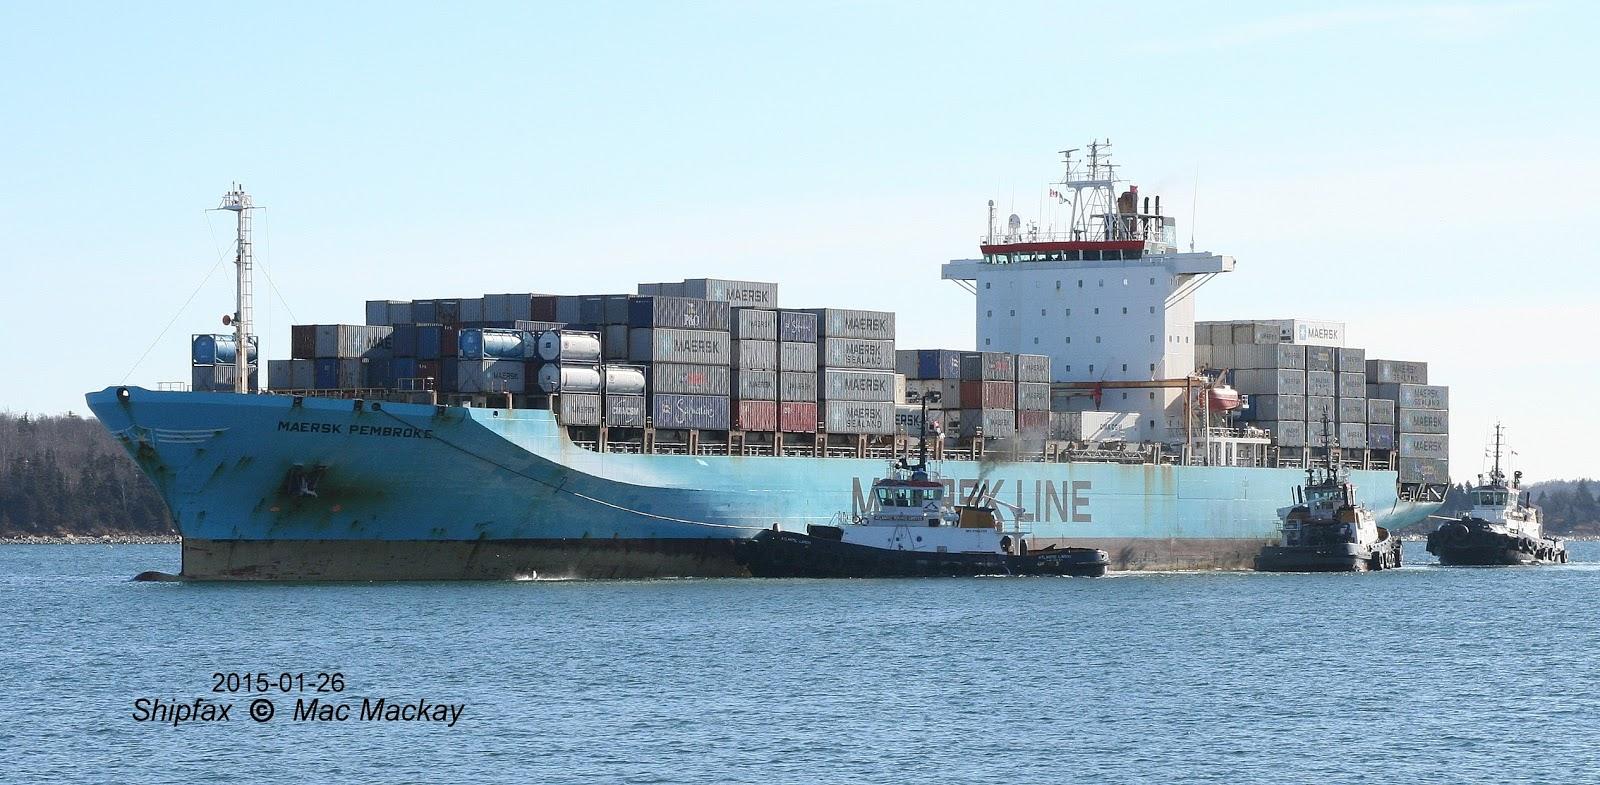 Shipfax: September 2017